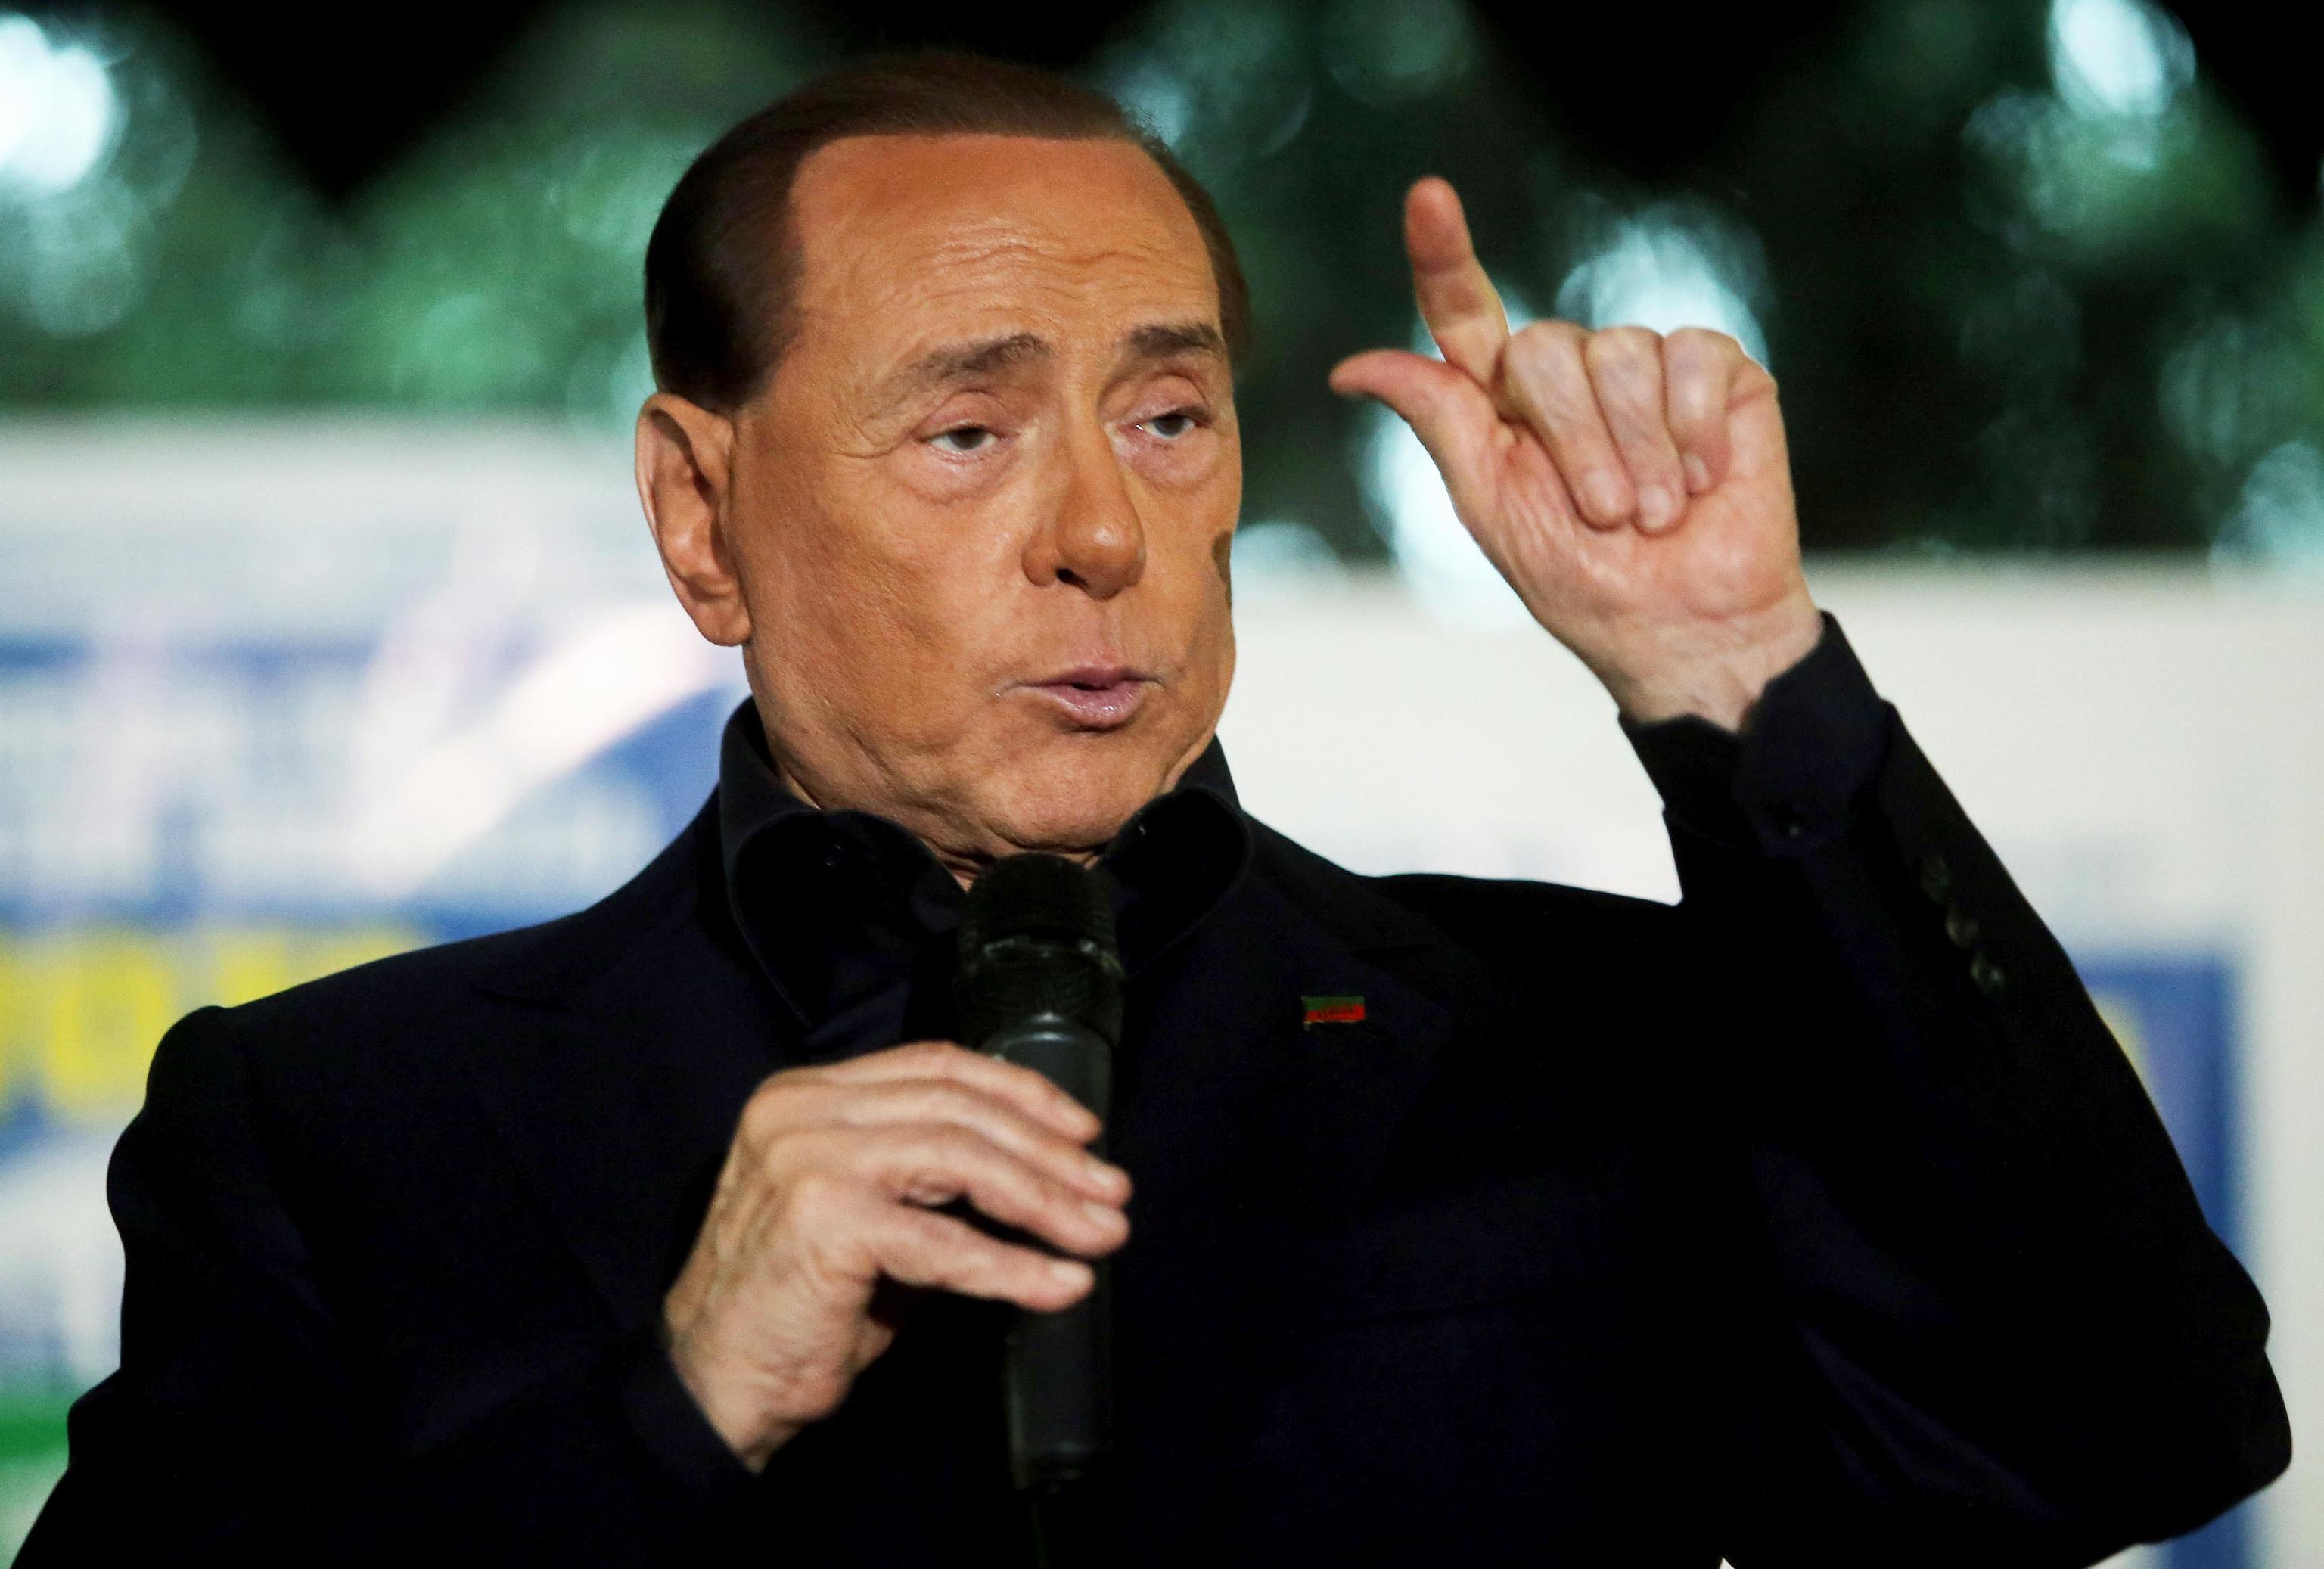 Berlusconi scherza: 'Trump? Mi piace molto Melania'